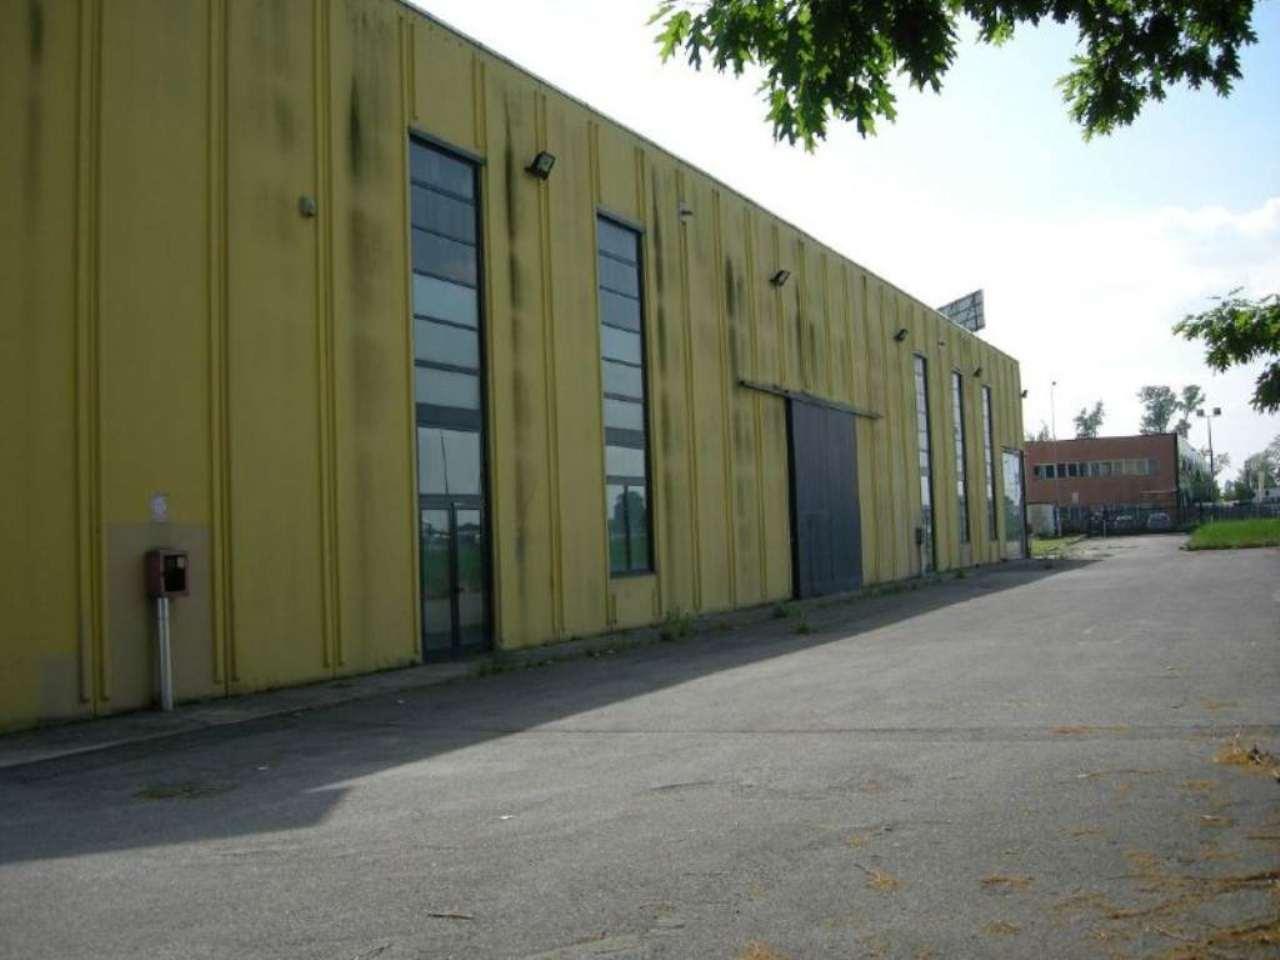 Negozio / Locale in affitto a Vignate, 9999 locali, Trattative riservate | Cambio Casa.it